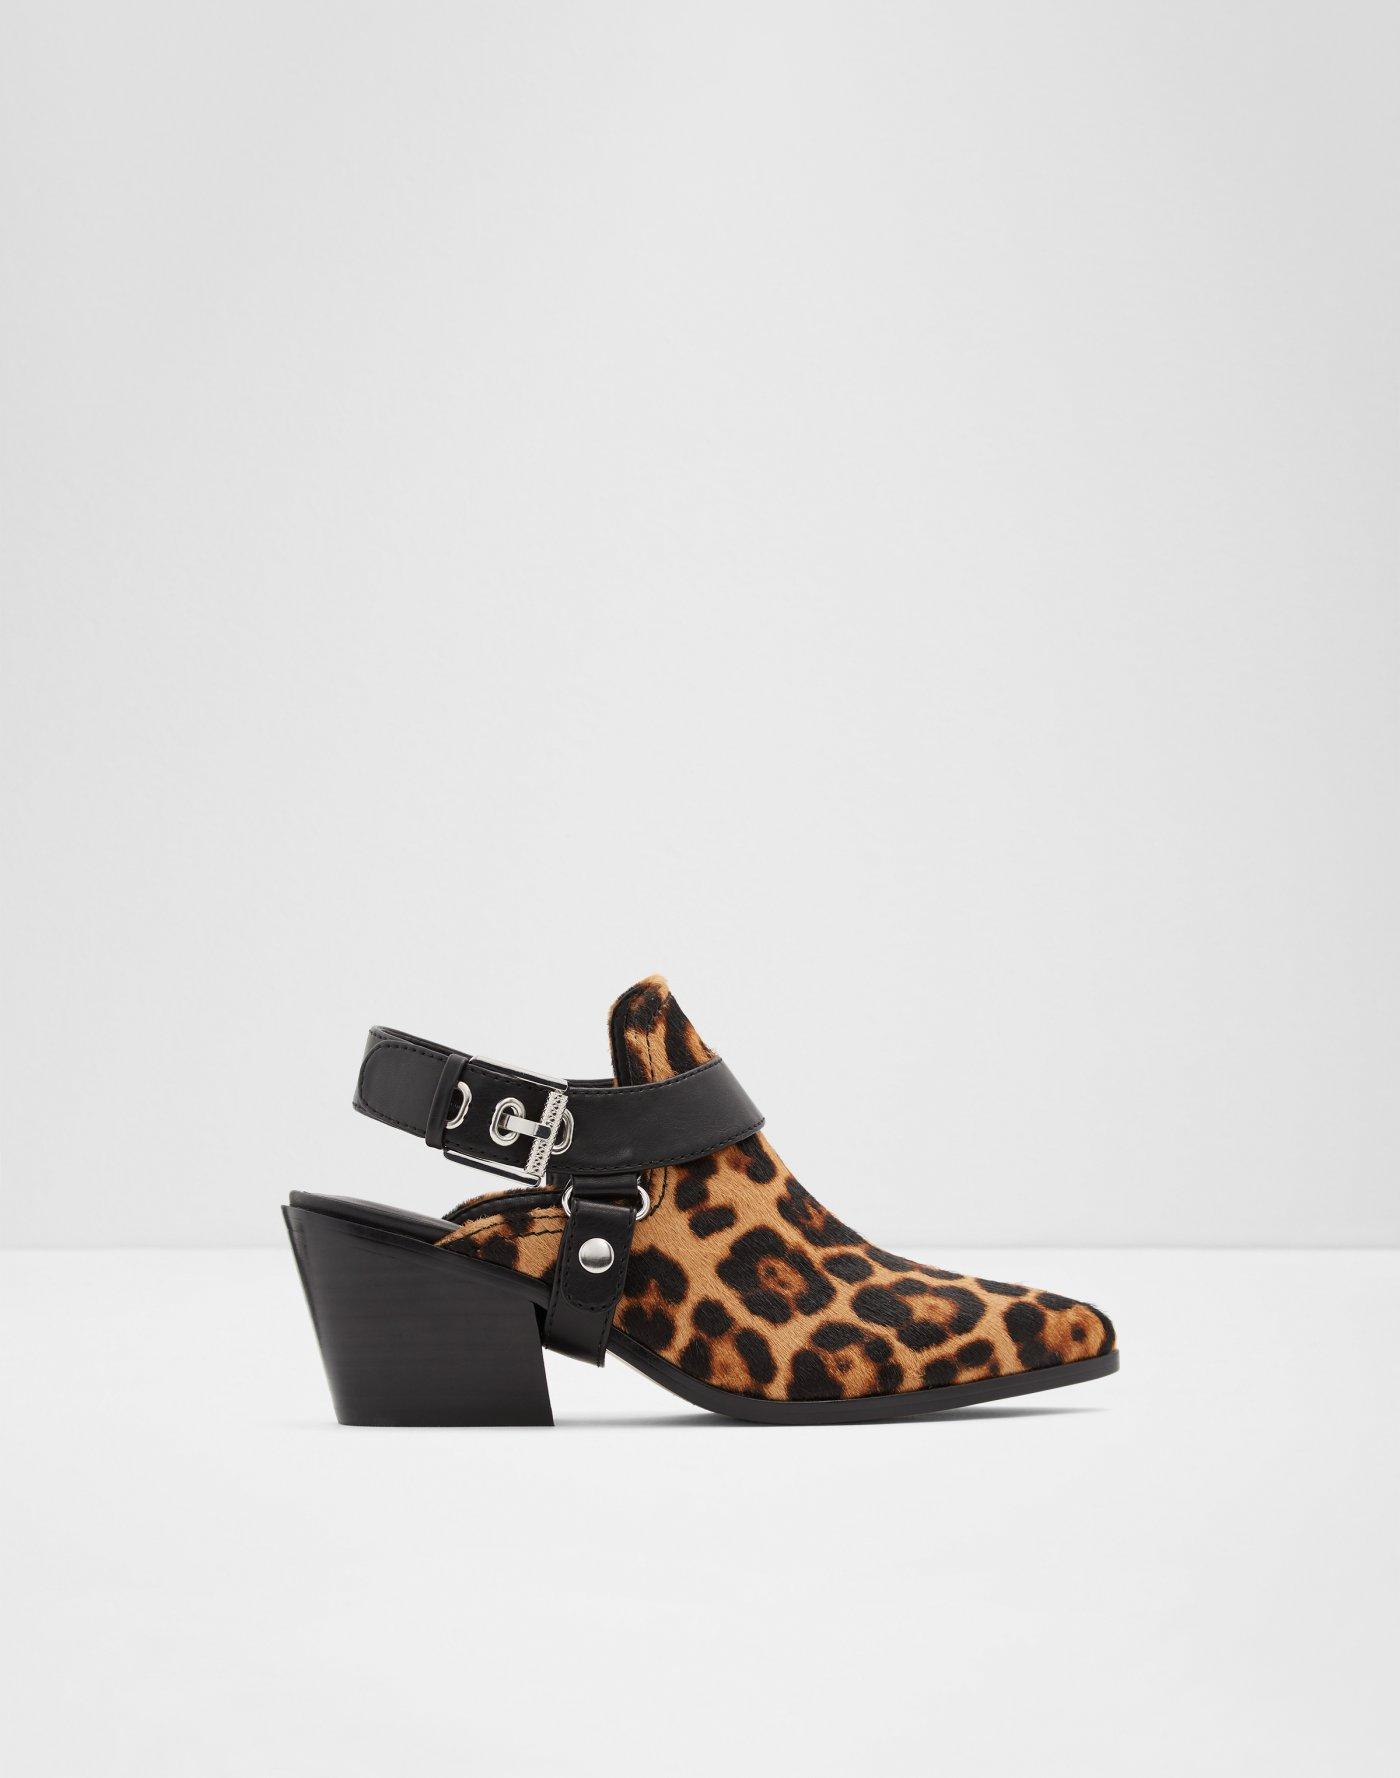 fe71d6b4e5 Ankle boots | Aldoshoes.com US